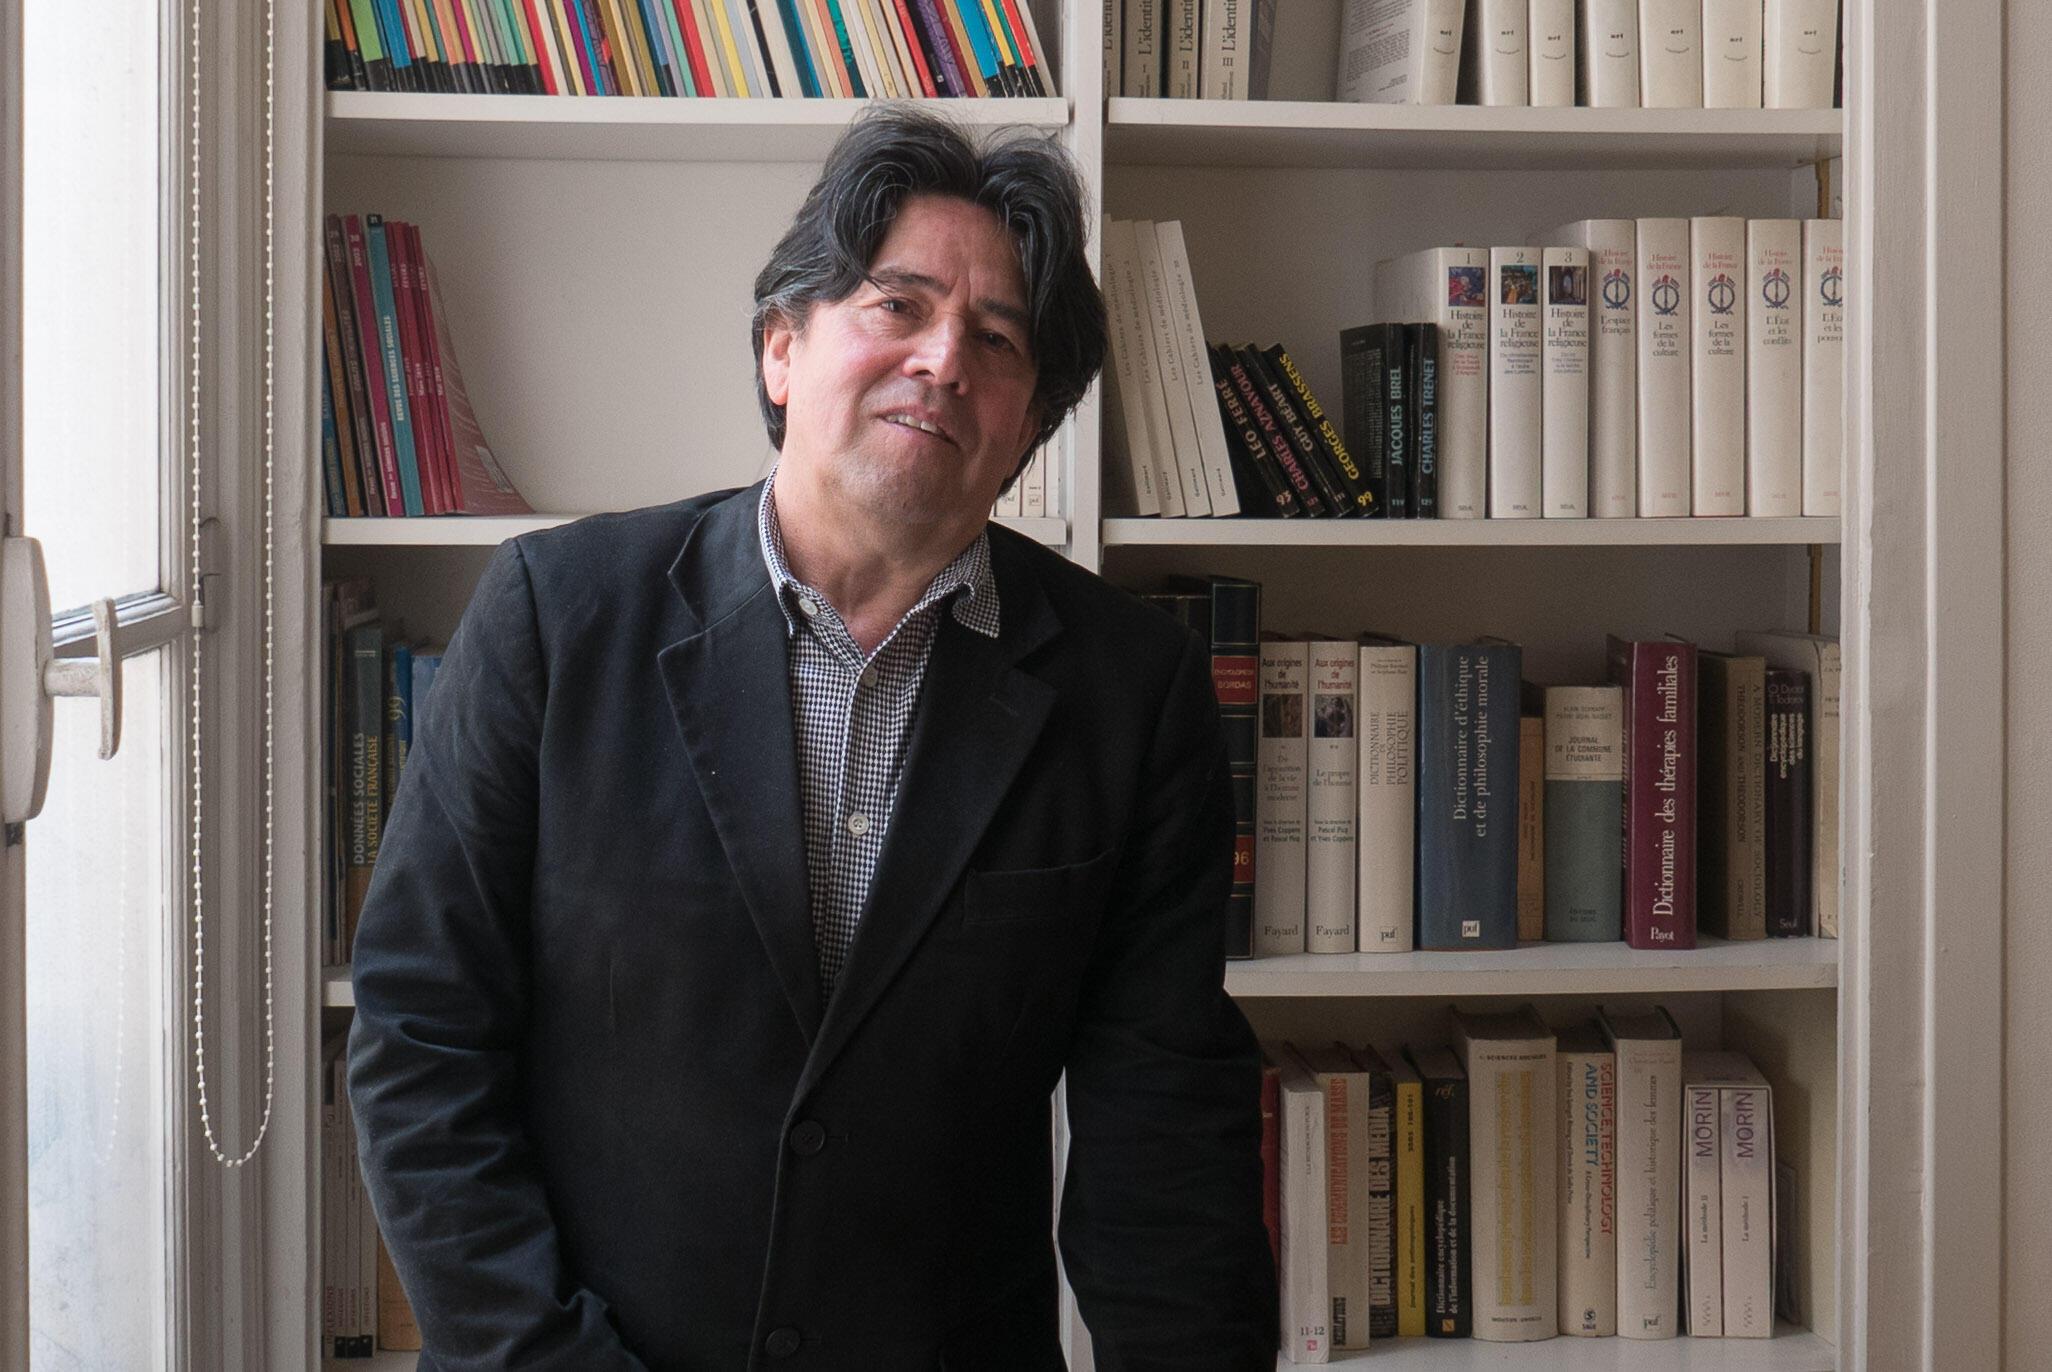 Alfredo Peña Vega, el autor de 'Chernóbil, catástrofe ecológica y tragedia humana: relato y memoria'.